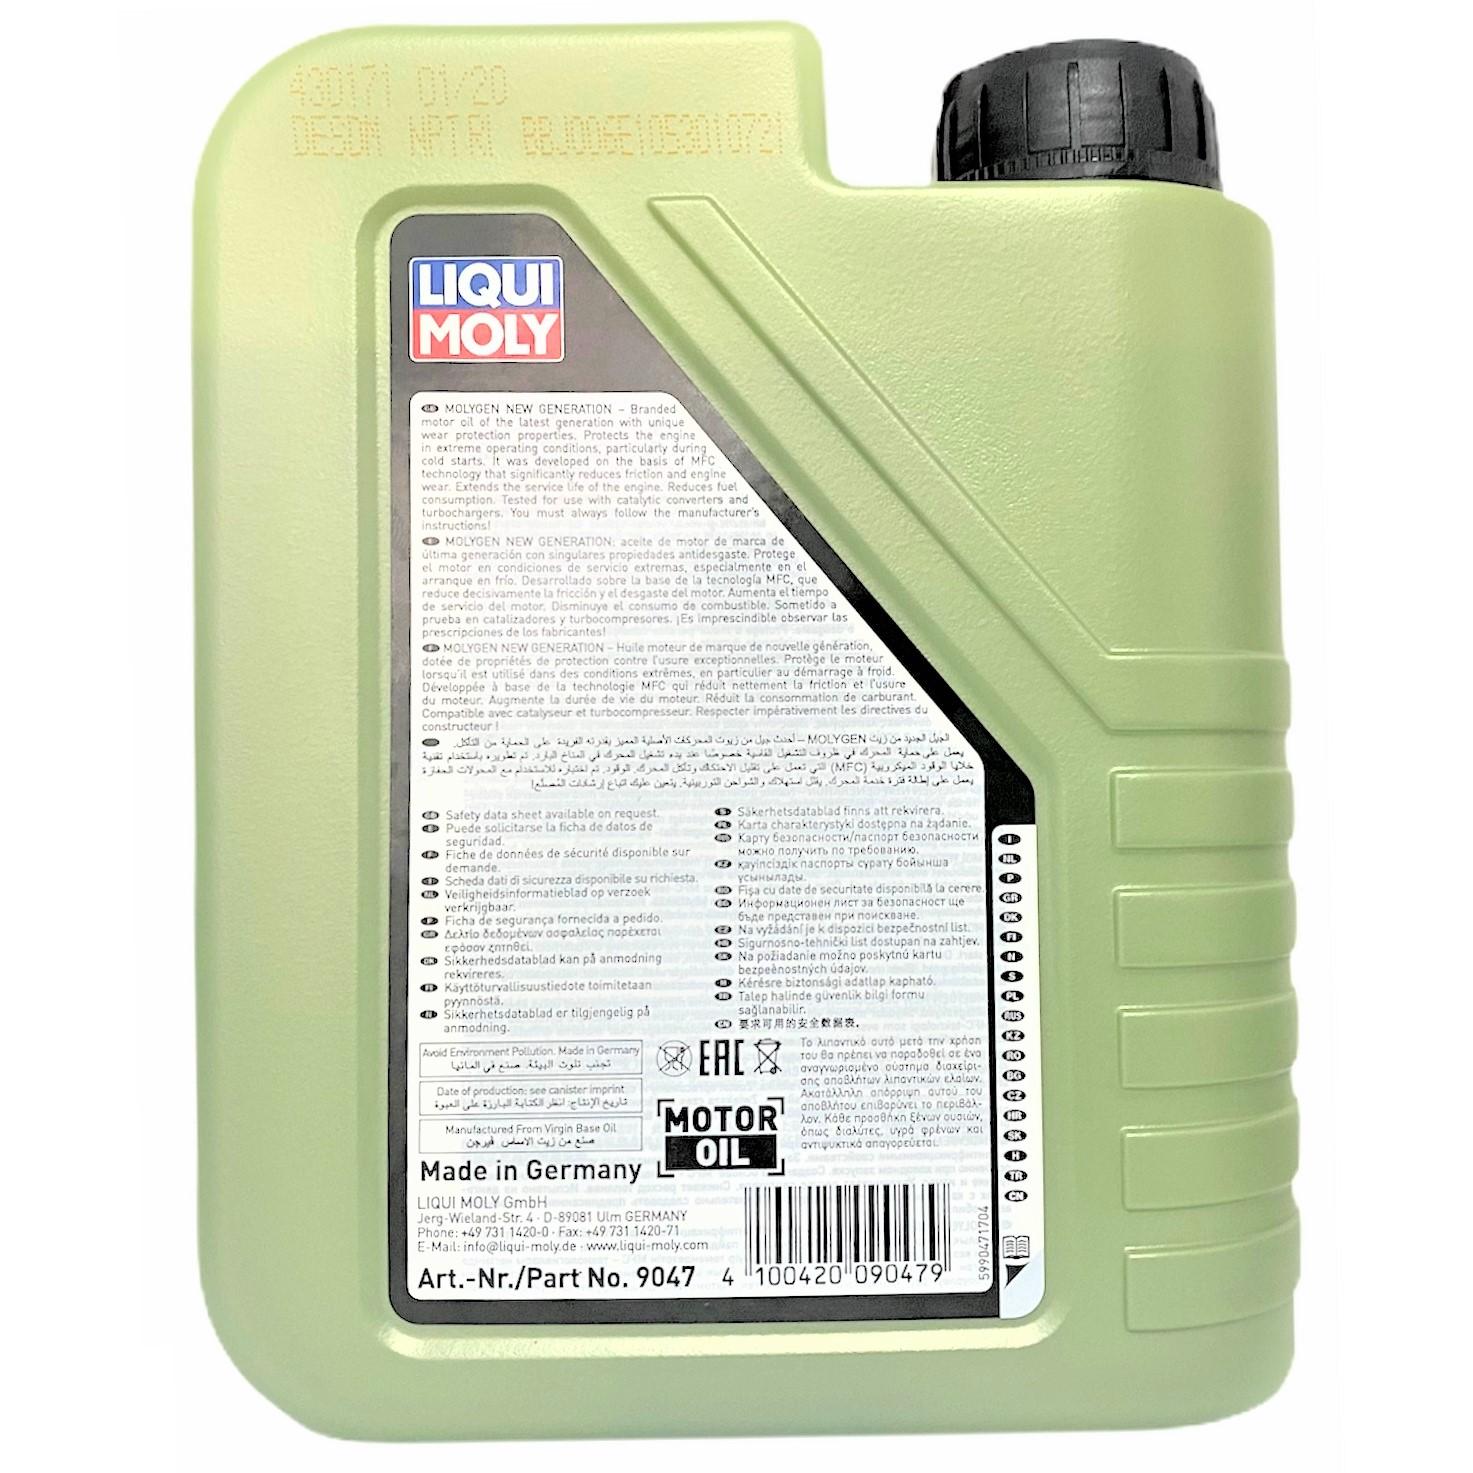 Dầu nhớt tổng hợp xe ga Molygen Liqui Moly 1L 5W40 - Tặng kèm 1 khăn lau chuyên dụng 3M màu ngẫu nhiên